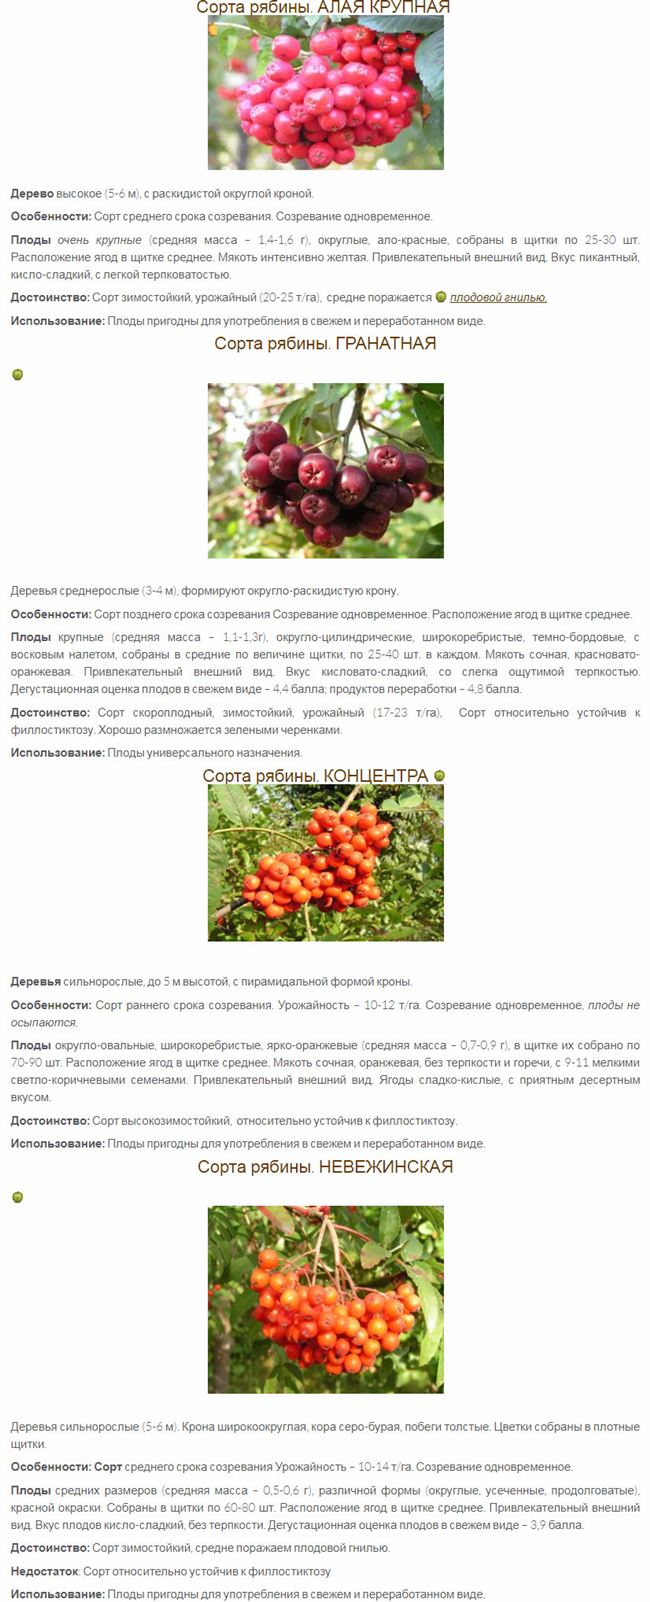 Таблица: состав и энергетическая ценность ягод рябины красной